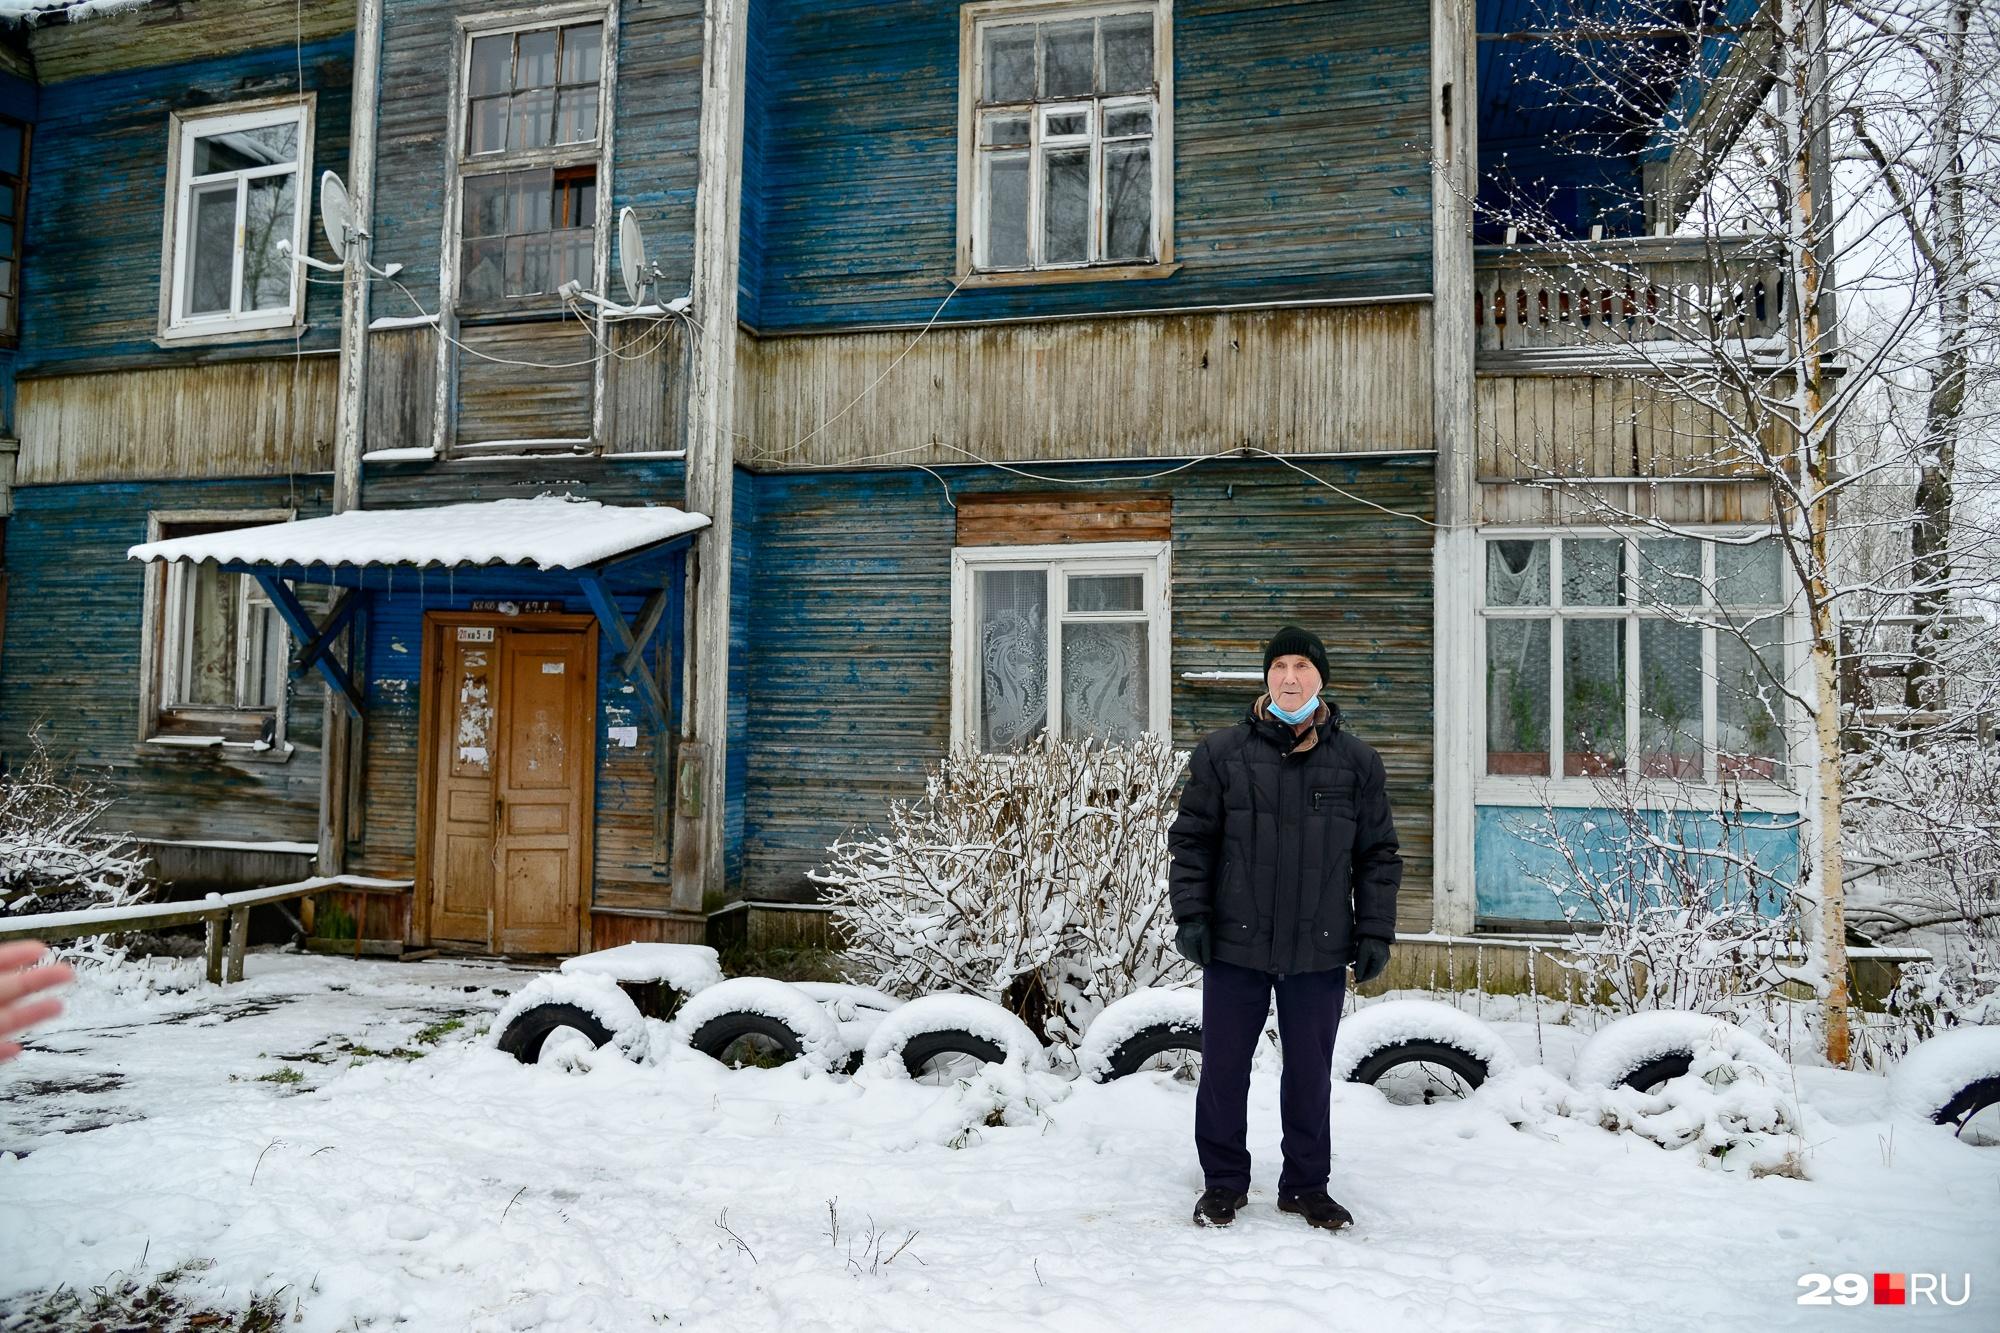 Счастливый дедушка Николай Тропин, который спустя годы наконец дождался расселения